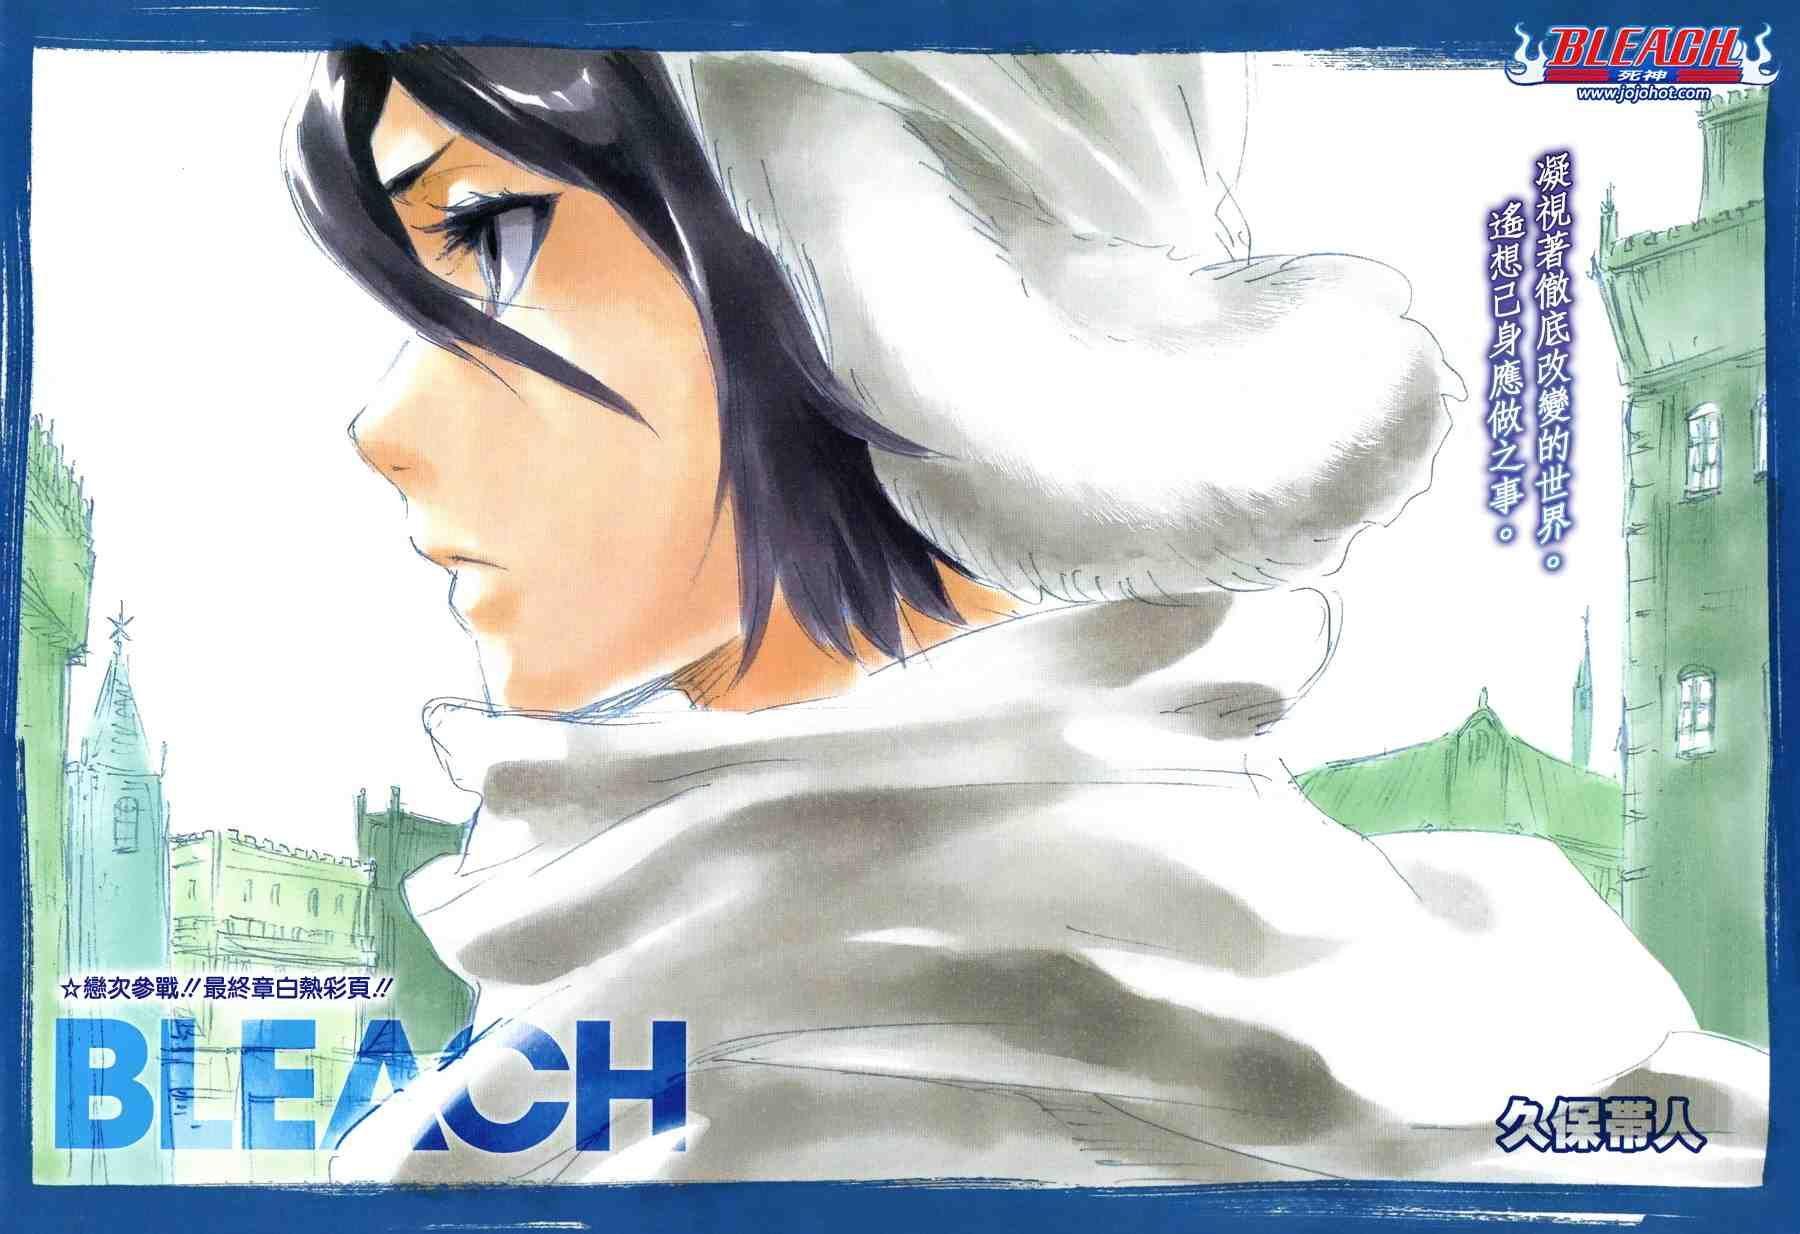 Pin By Sofia Li On Bleach 564 Bleach Rukia Bleach Anime Bleach